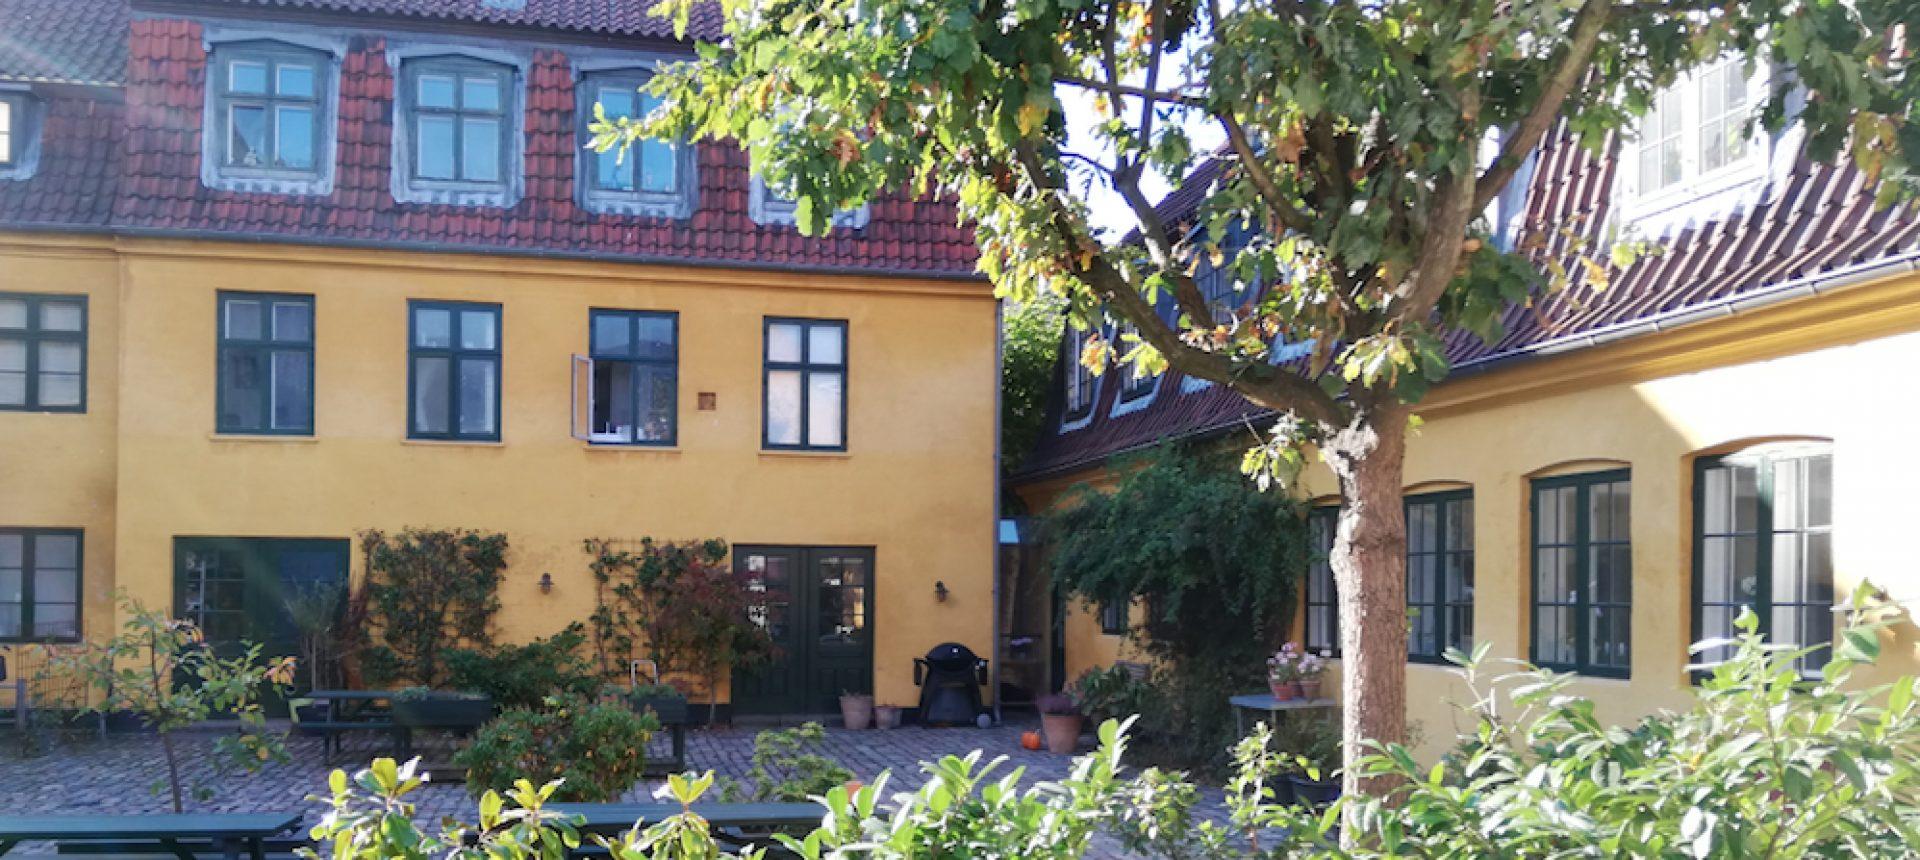 Sorte Hest Vesterbro – Super beliggenhed